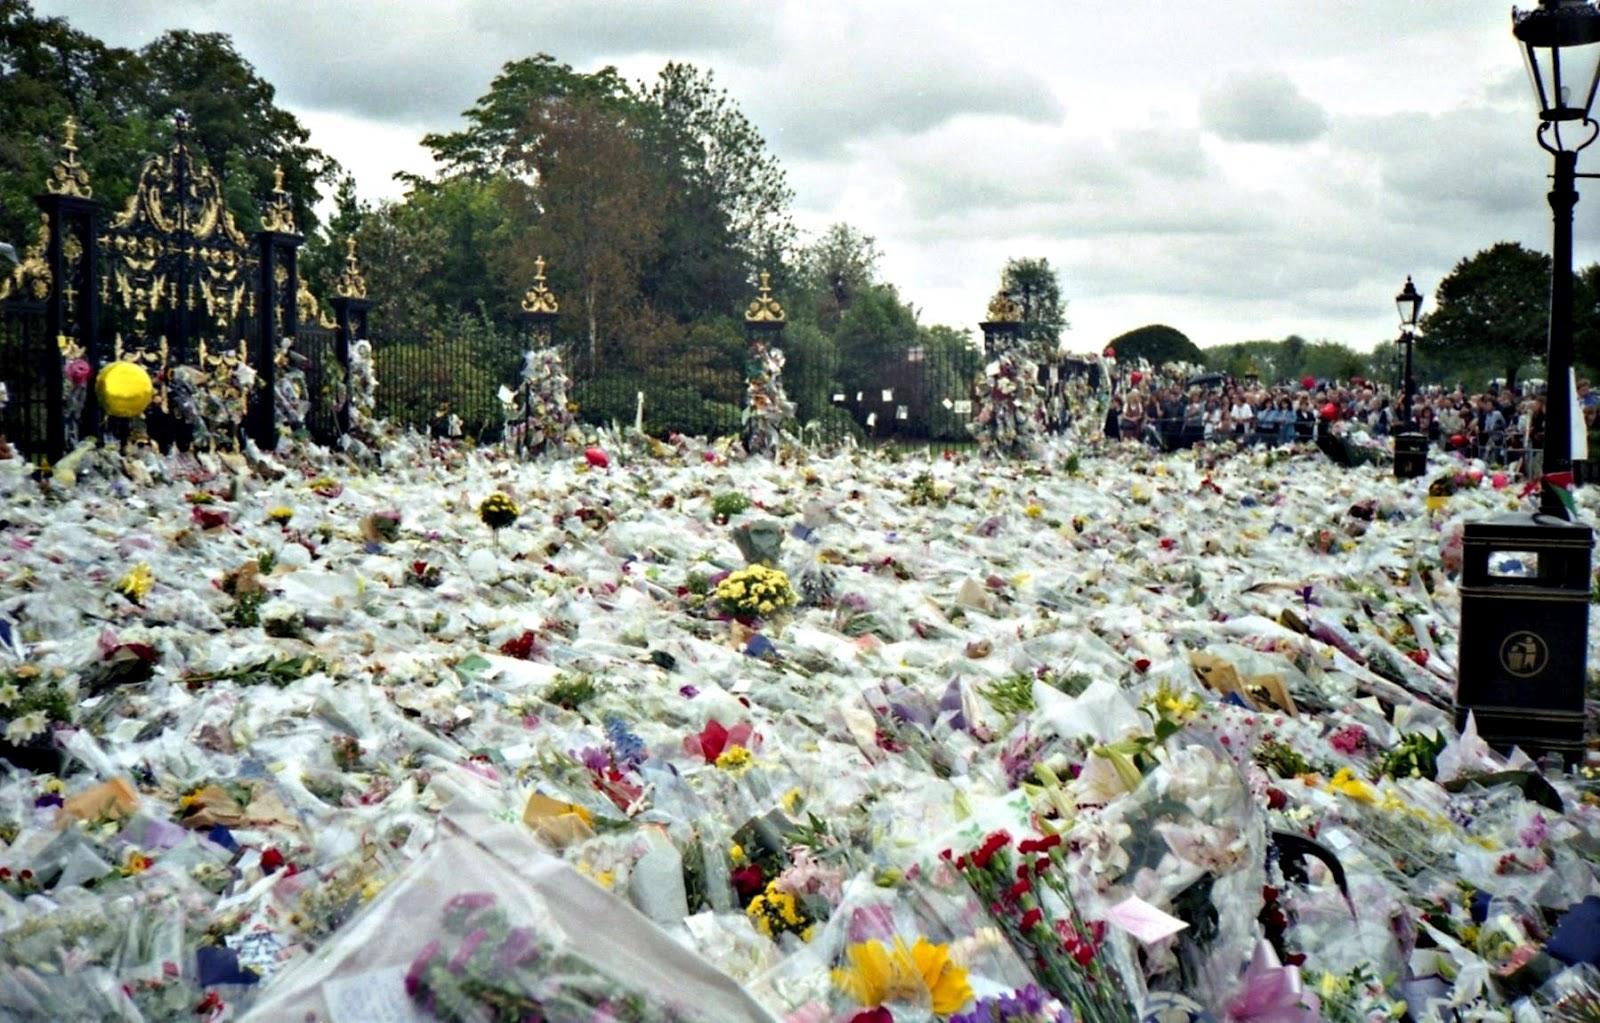 http://3.bp.blogspot.com/-GC_tQ4hG8k0/UAyMXTguHzI/AAAAAAAAAag/_FvO931JsuM/s1600/Flowers_for_Princess_Diana\'s_Funeral+kensington.jpg